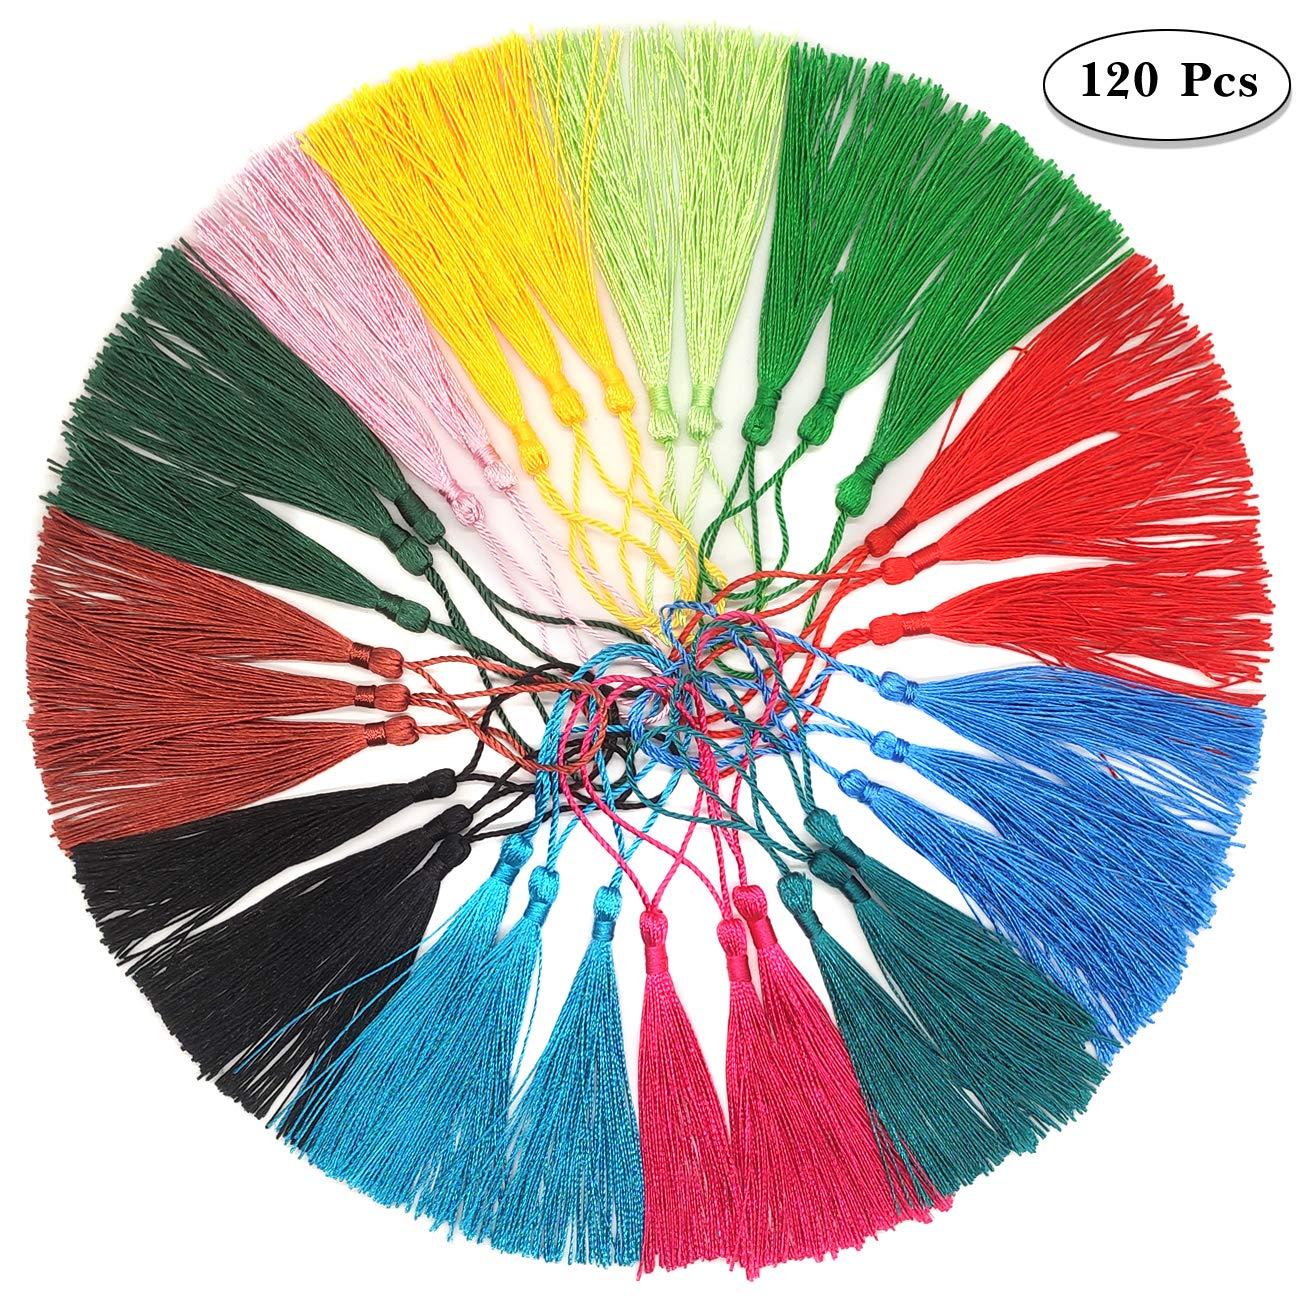 Regali e Portachiavi,12 Colori Mini Nappe Decorativi Nappine per Creare Gioielli Fai da Te,Orecchini 13 cm // 5 Pollici YuChiSX 120 pz Silky Soft Handmade Craft Mini Nappe